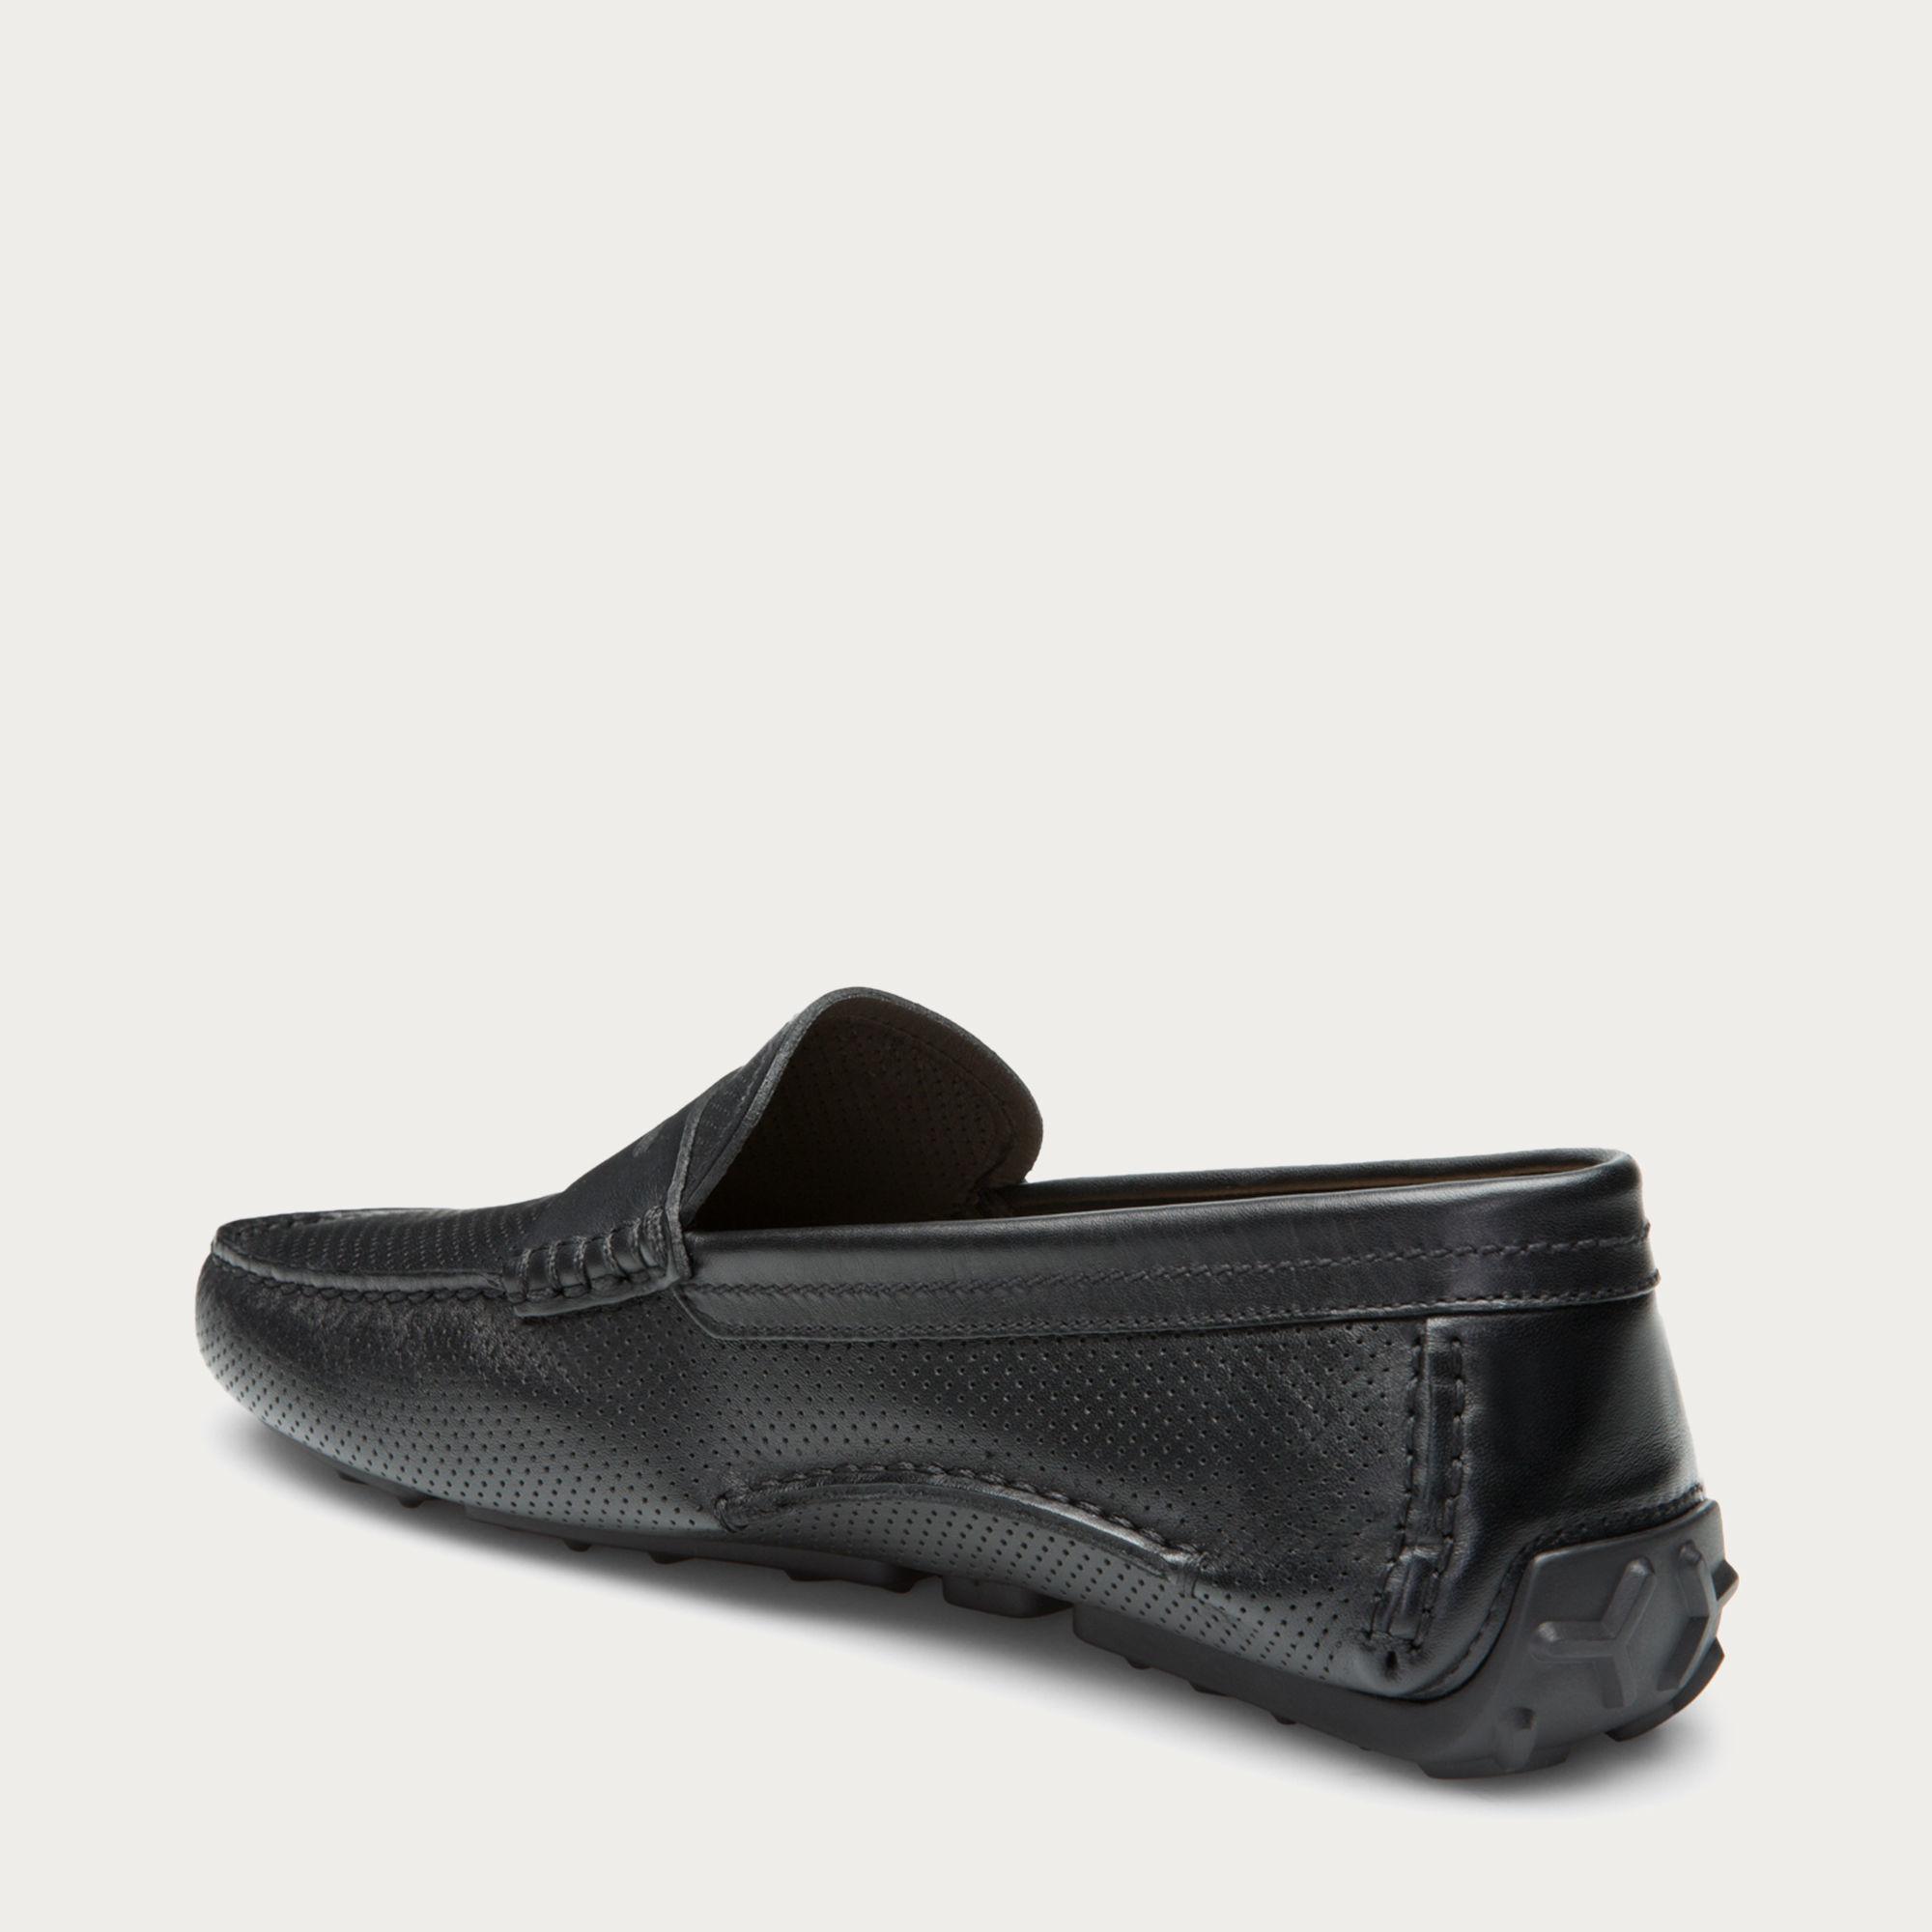 Draven Shoes Uk